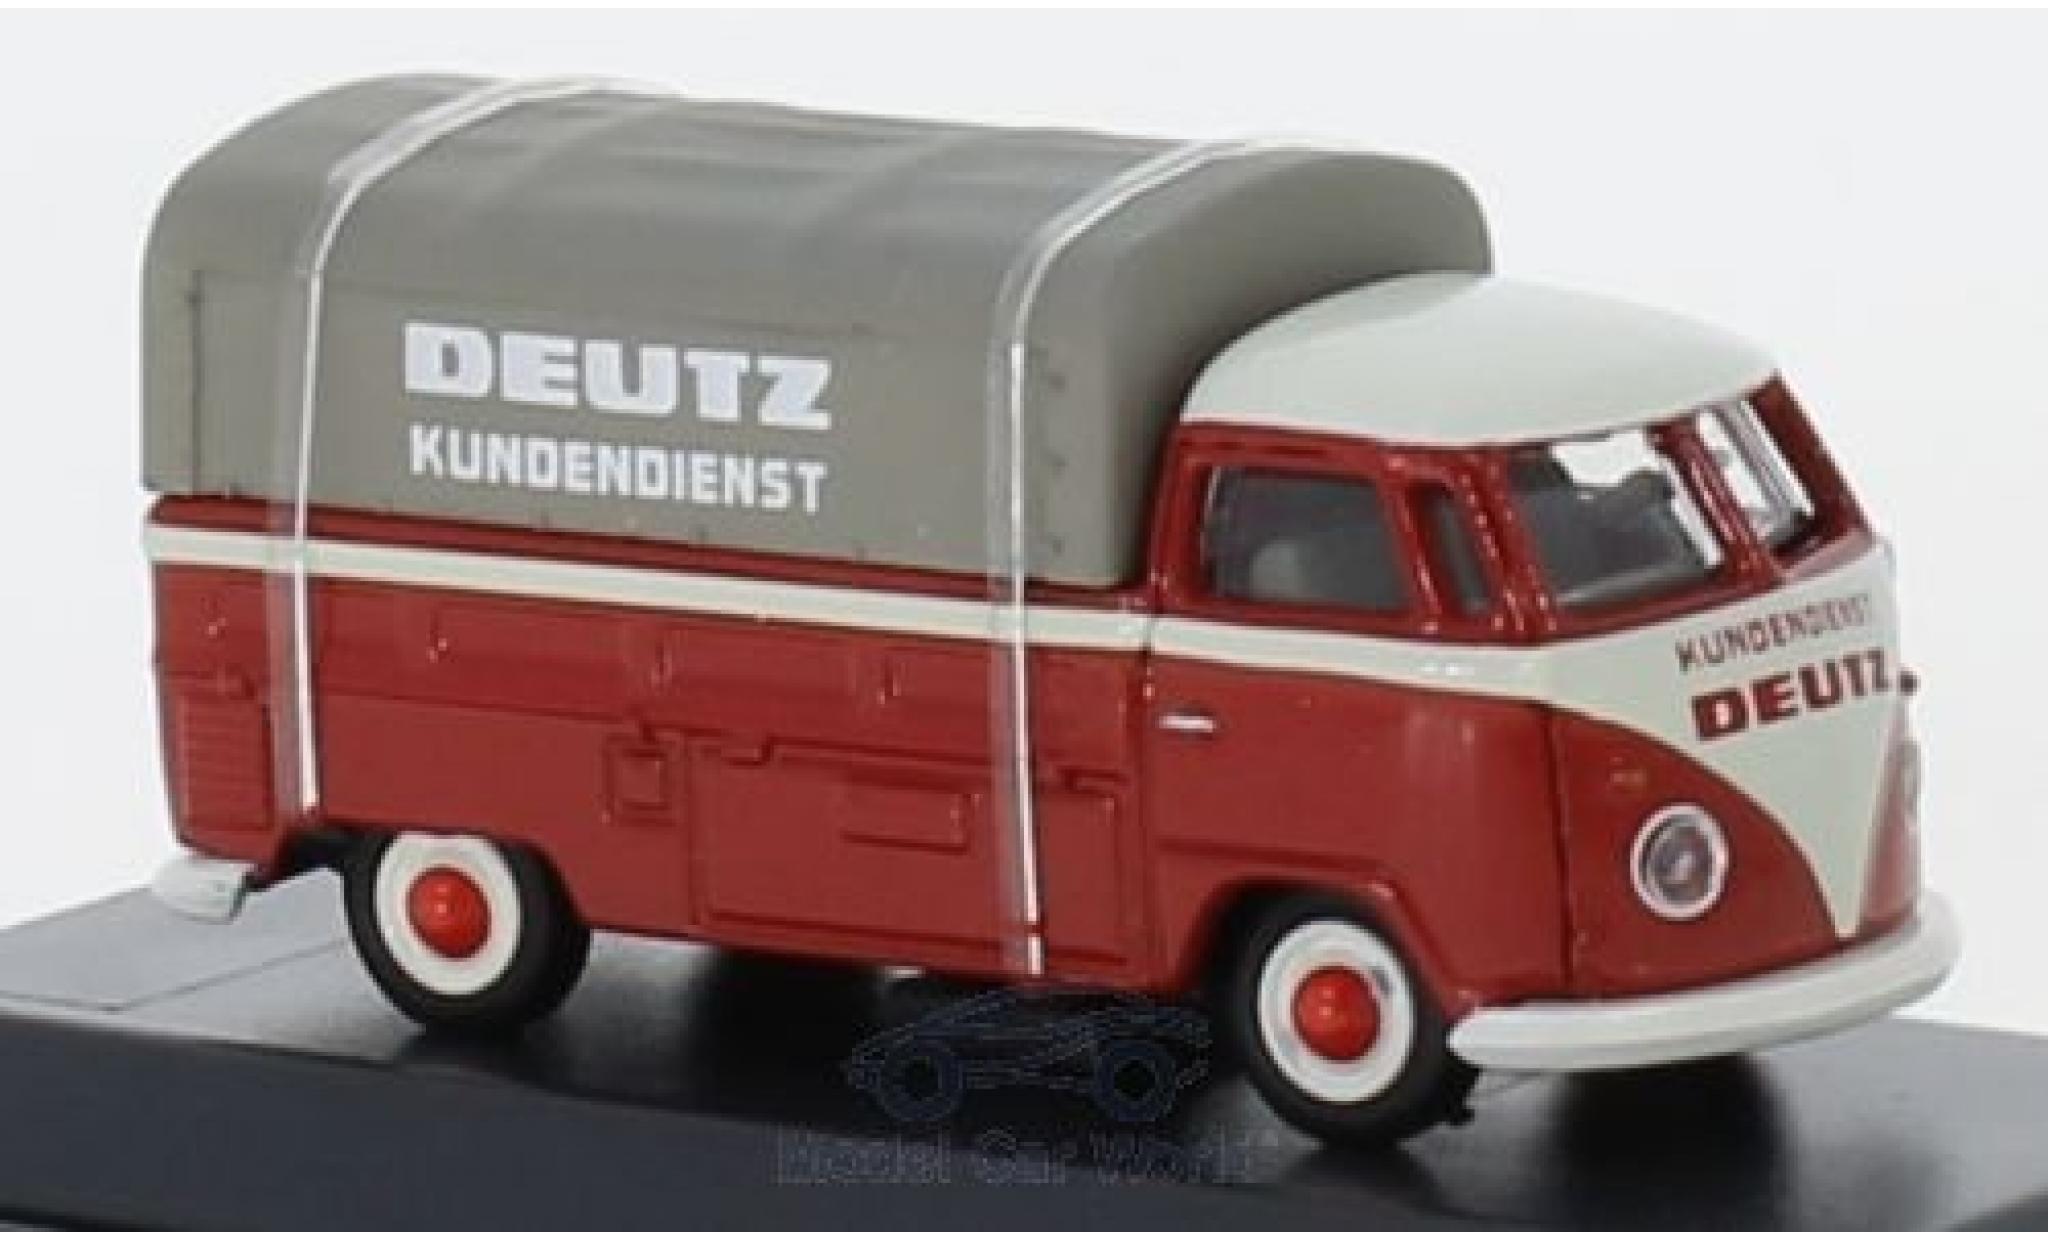 Volkswagen T1 1/87 Schuco b Pritsche Deutz Kundendienst mit Plane